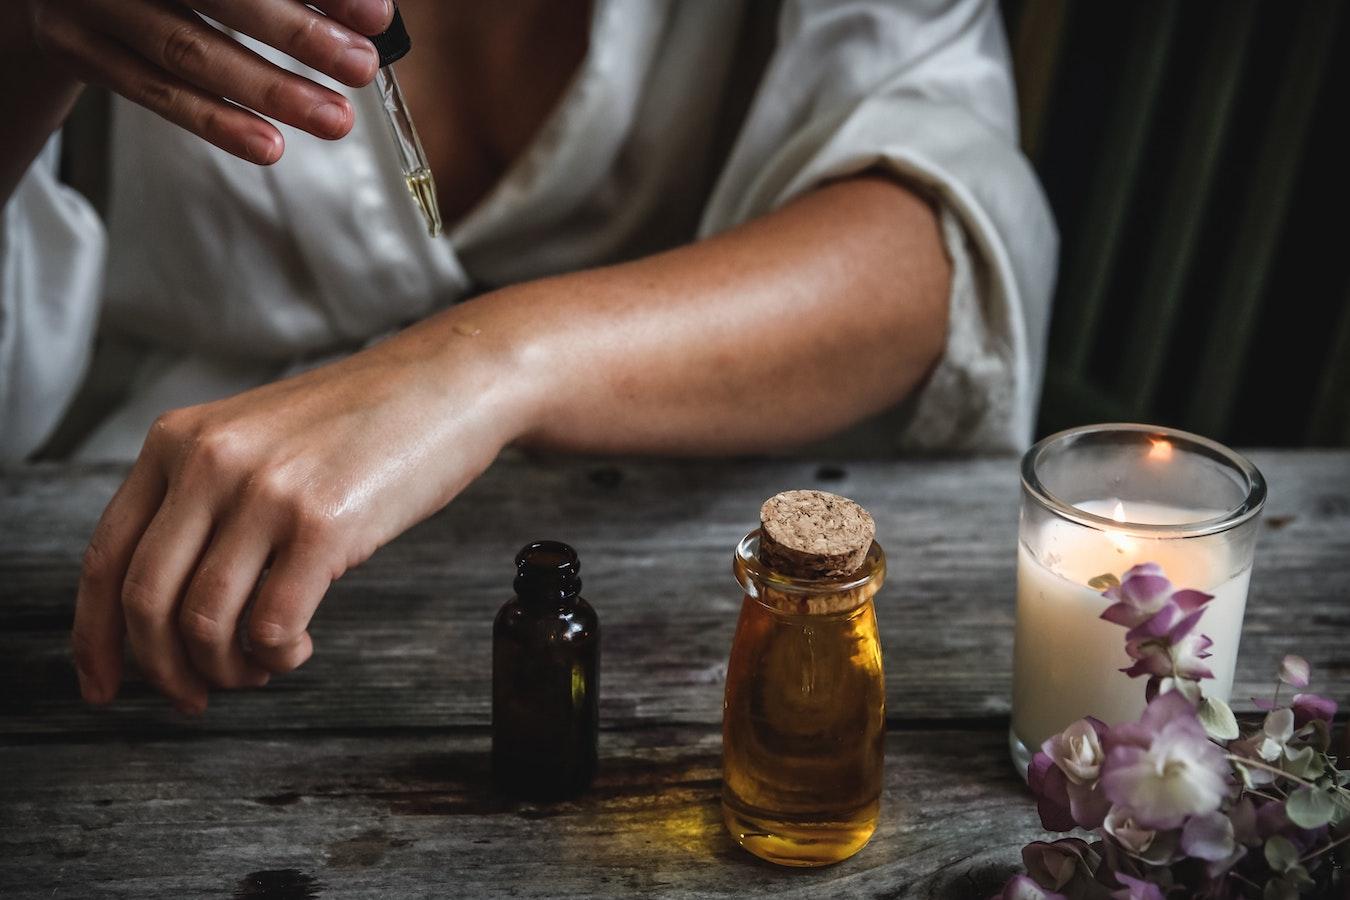 ätherisches Öl wird auf die Haut getropft zum Zwecke der Aromatherapie